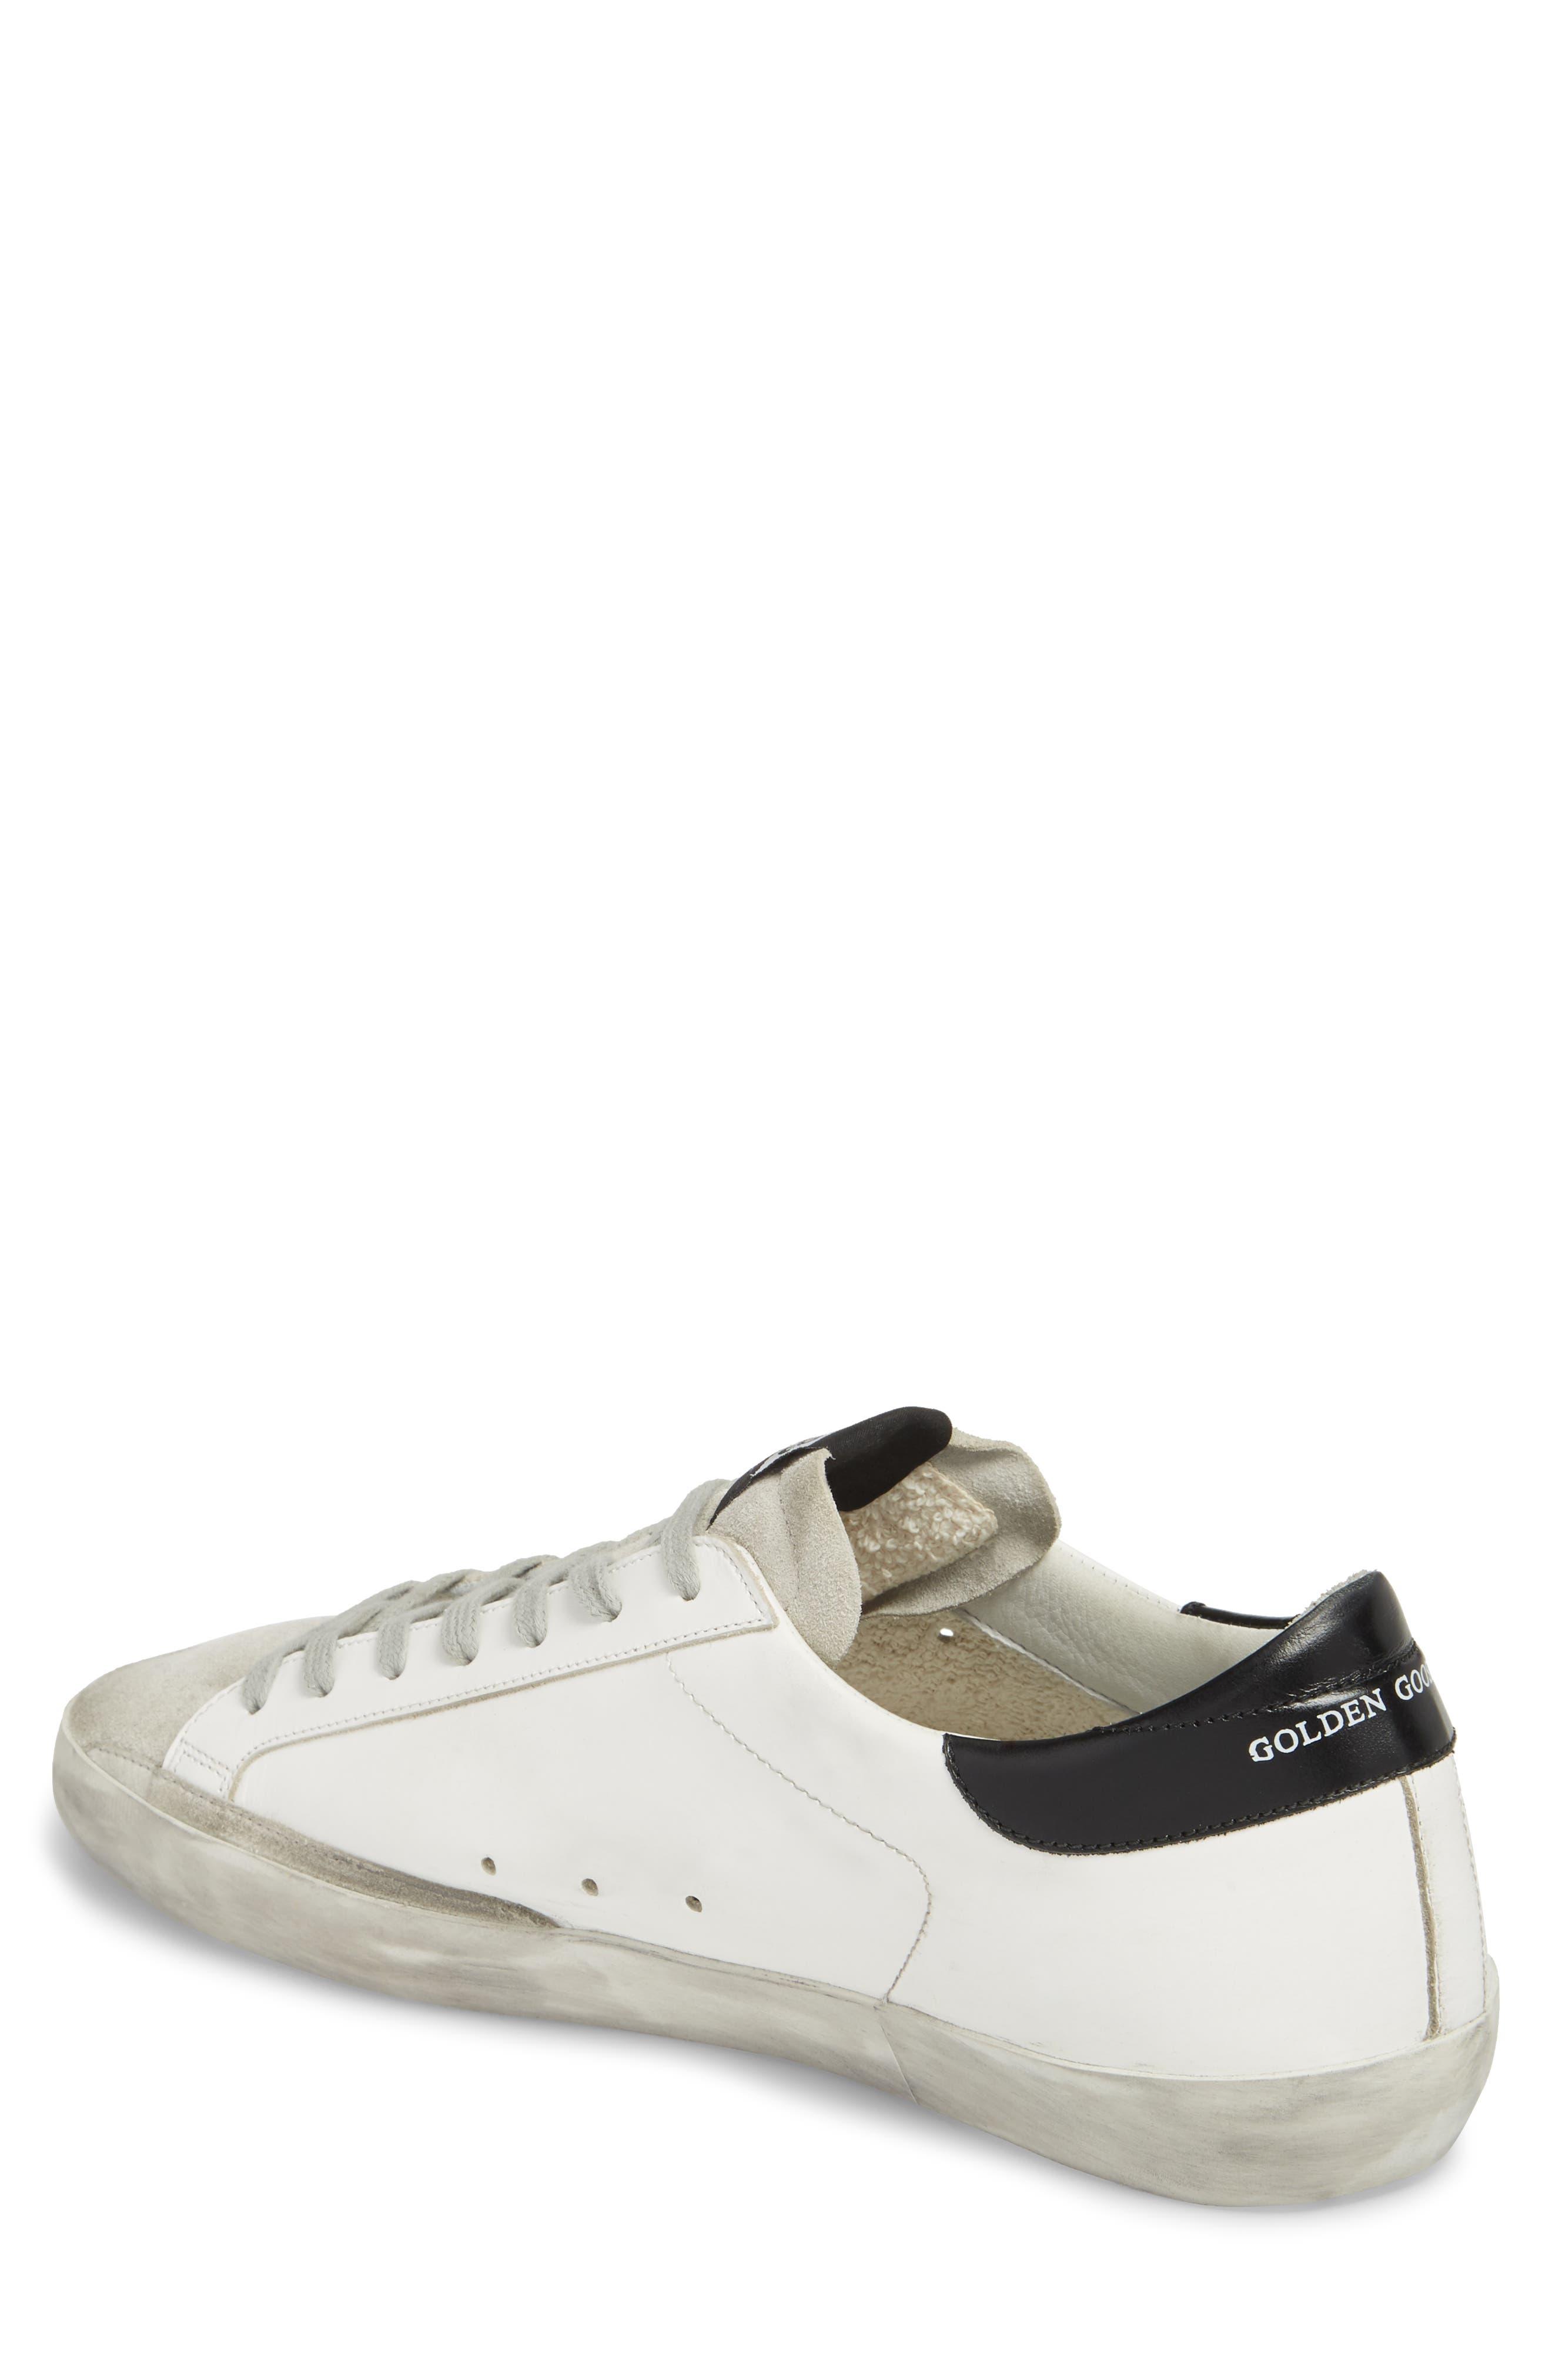 'Superstar' Sneaker,                             Alternate thumbnail 2, color,                             WHITE-BLUE-BLACK